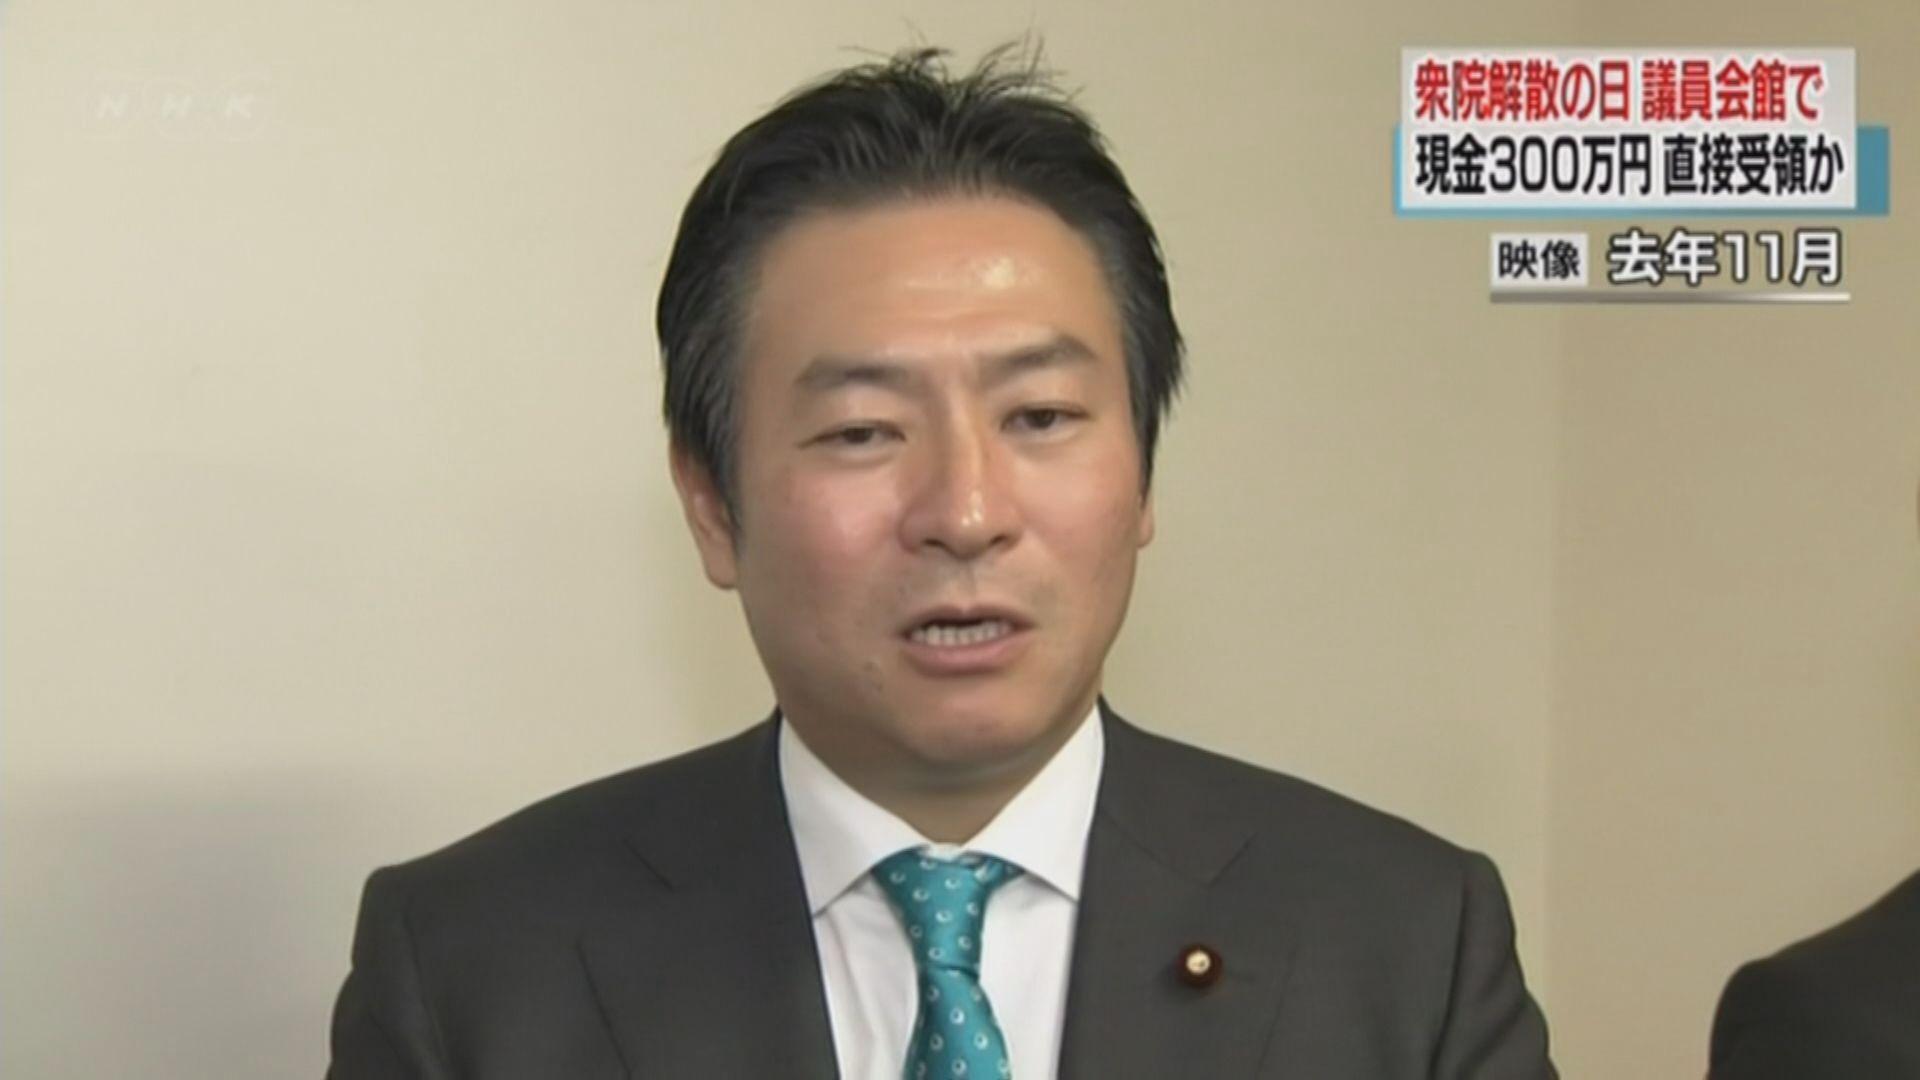 涉嫌收受中資企業賄賂日議員秋元司再被捕